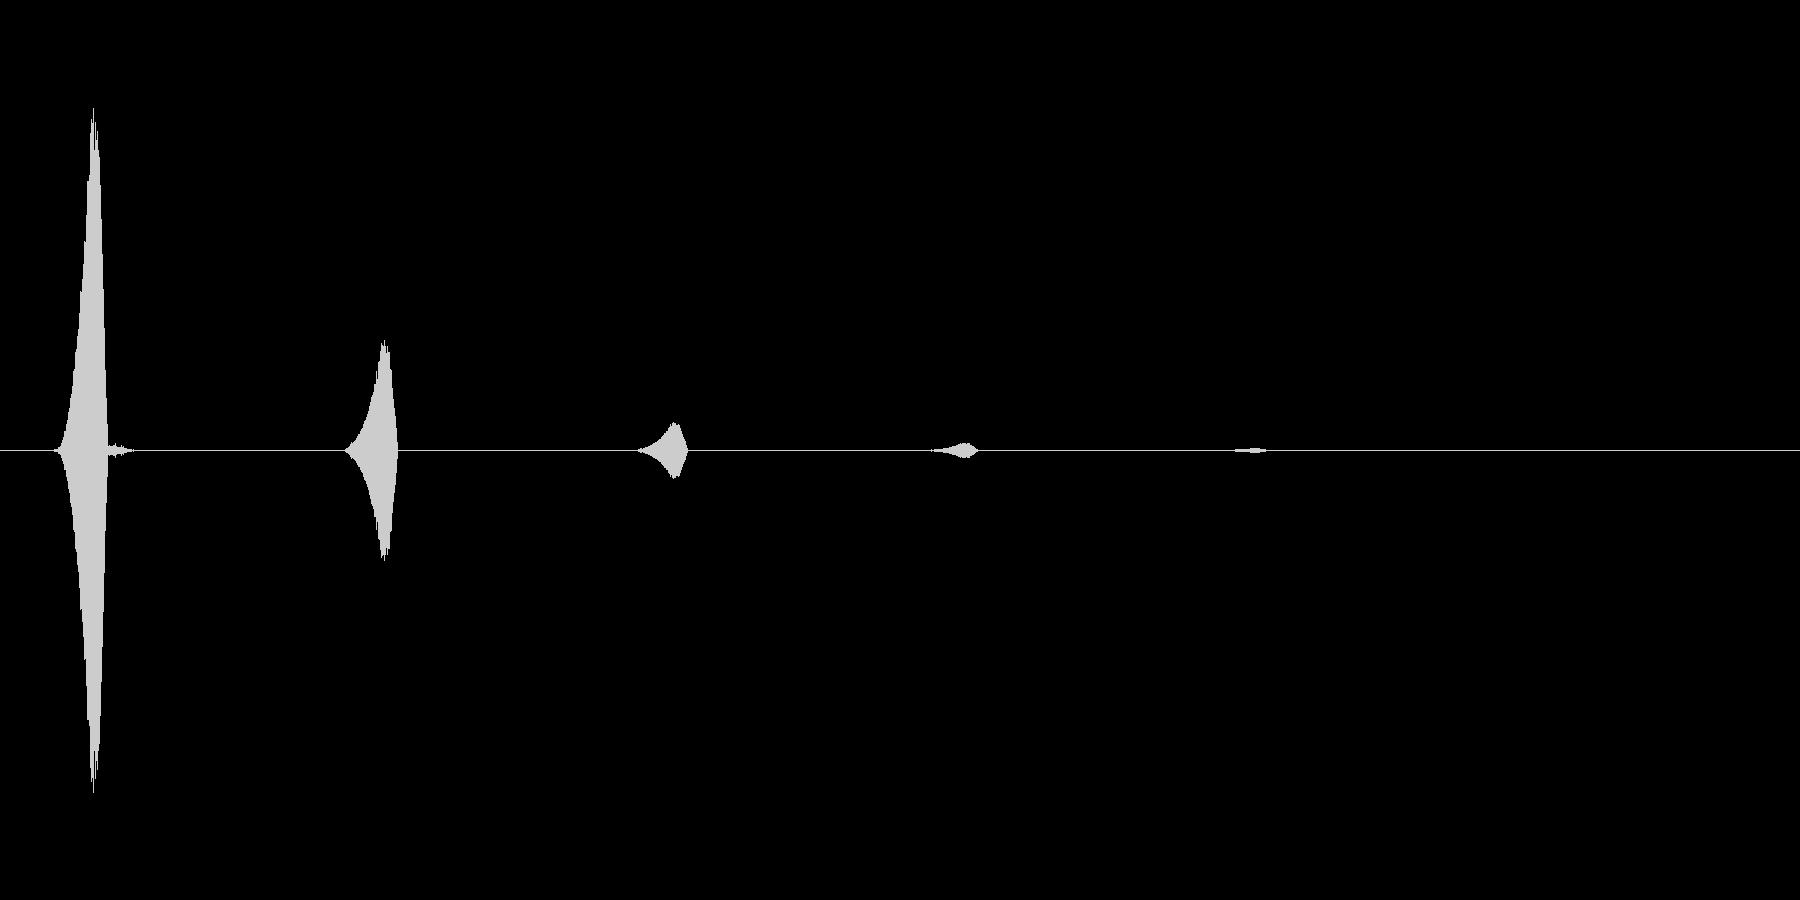 ファミコン風効果音カーソル系です 14の未再生の波形